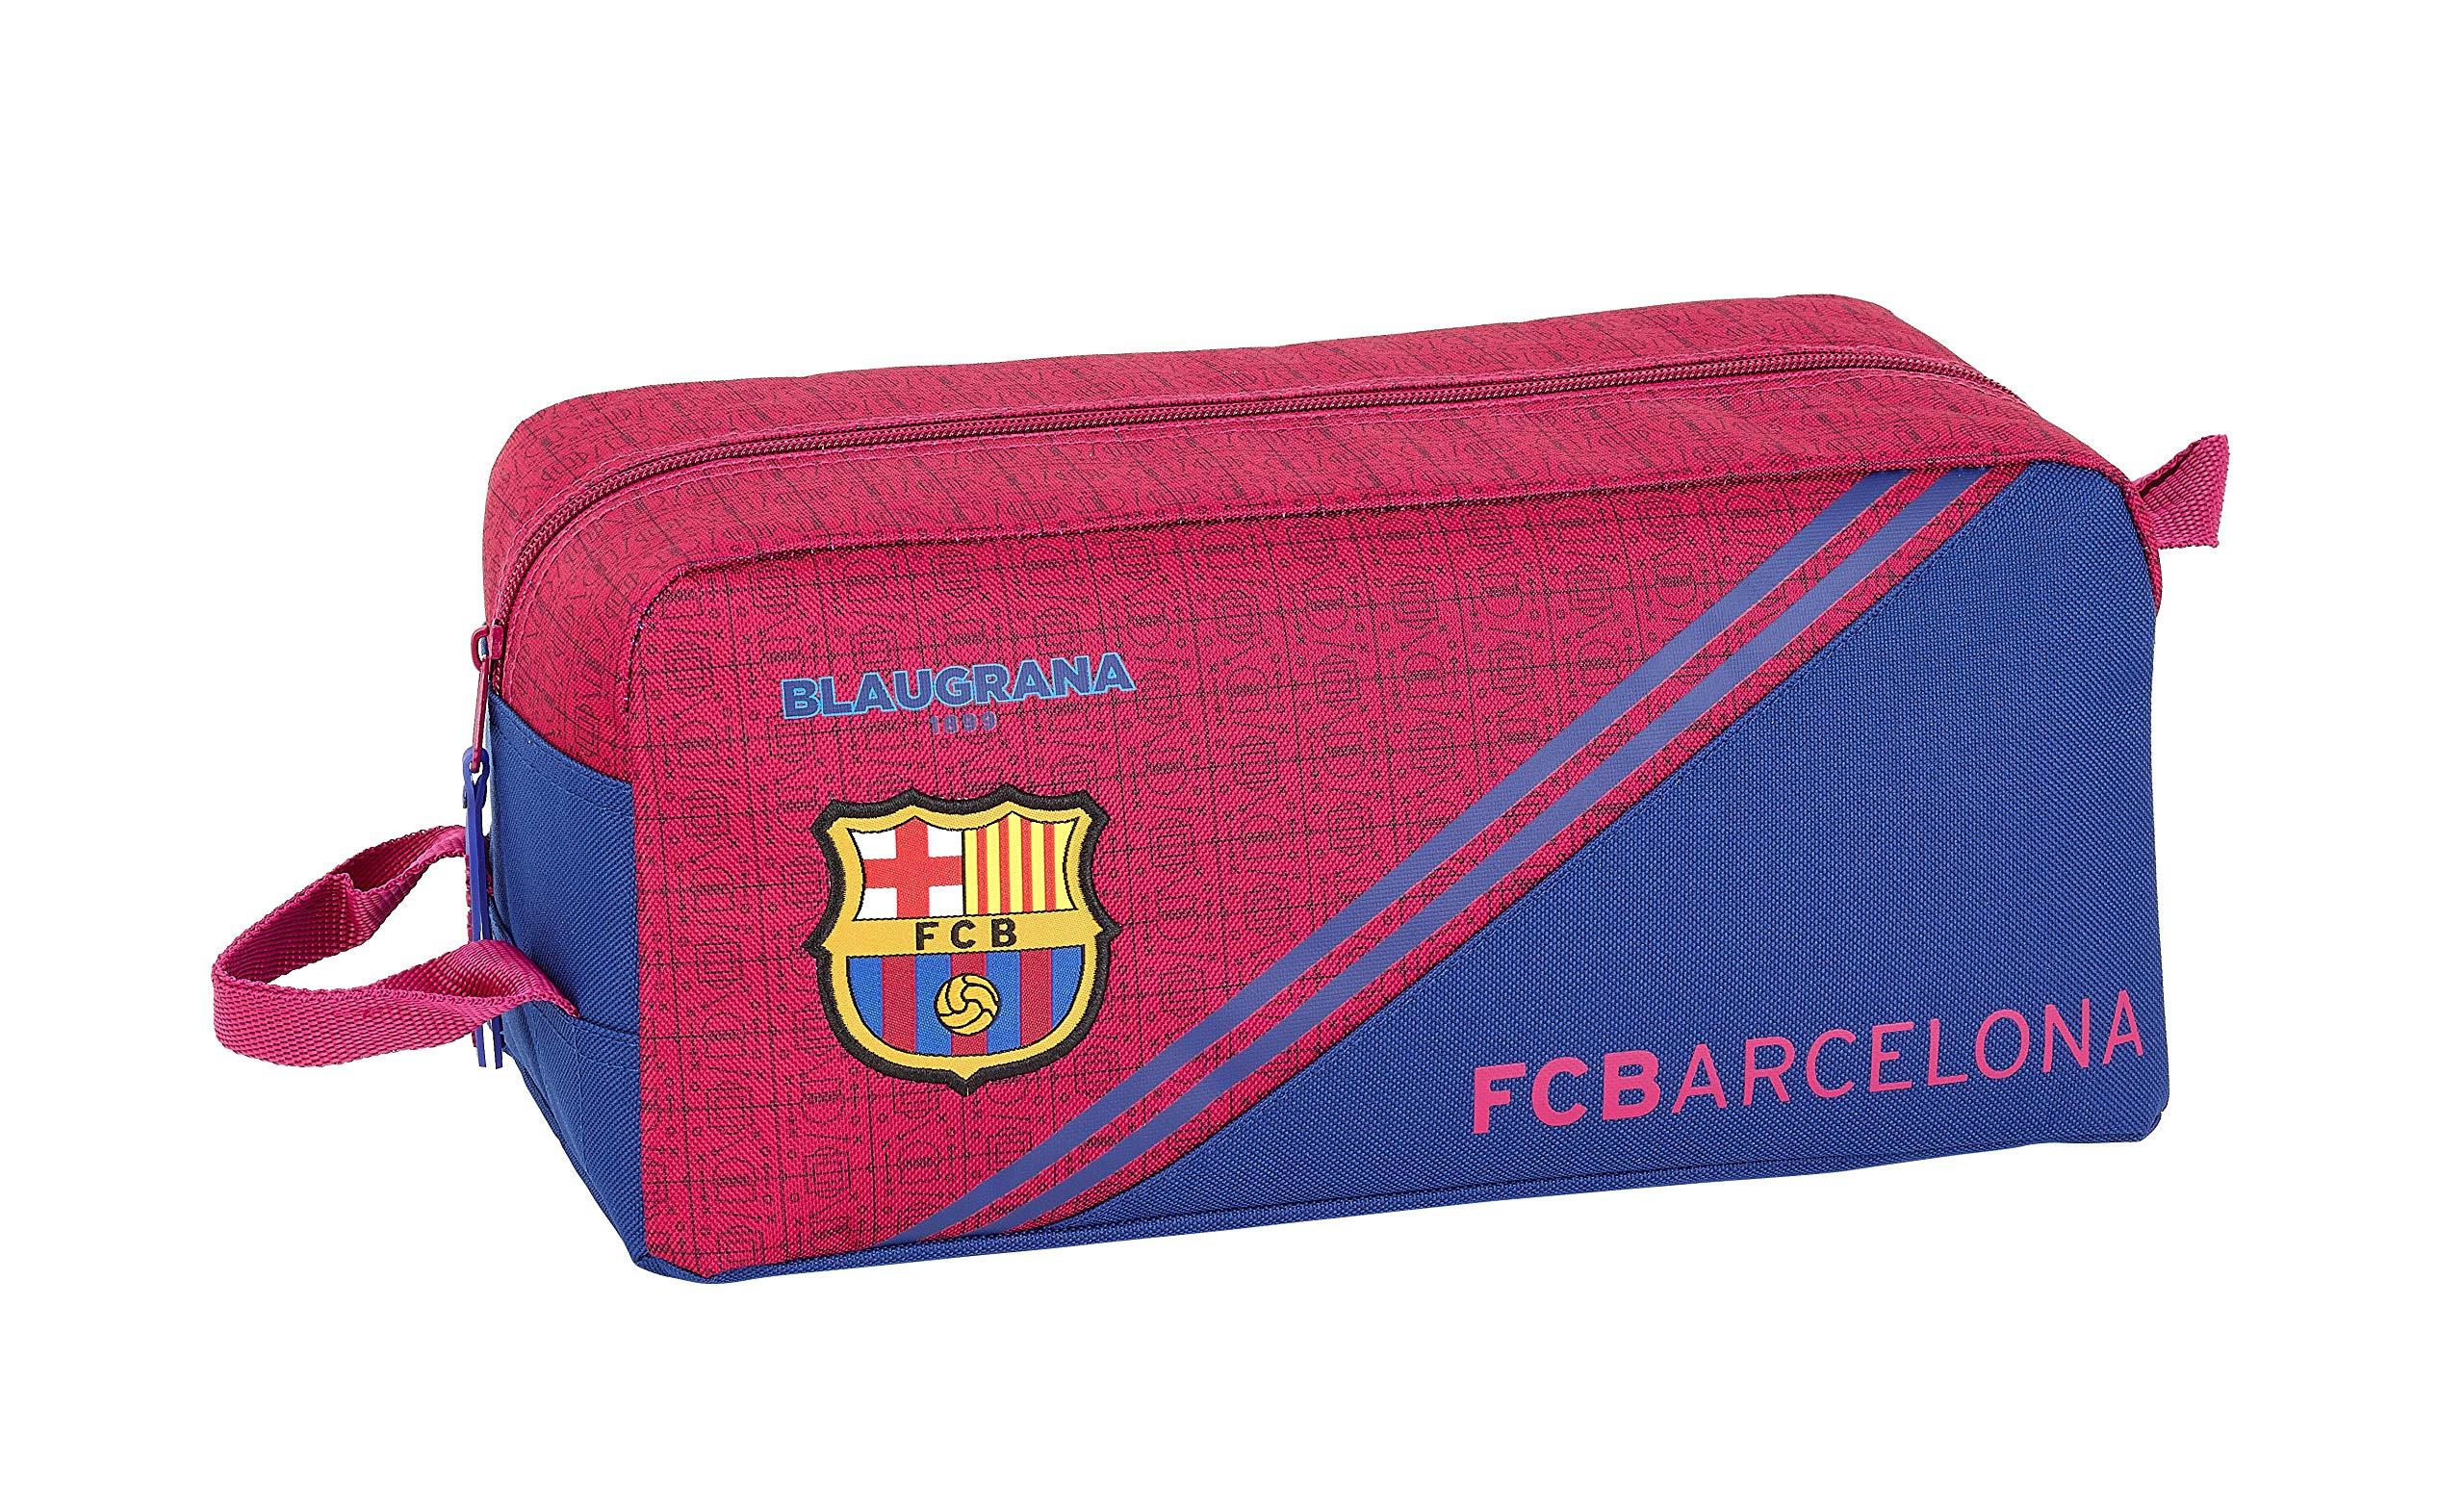 SAFTA Futbol Club